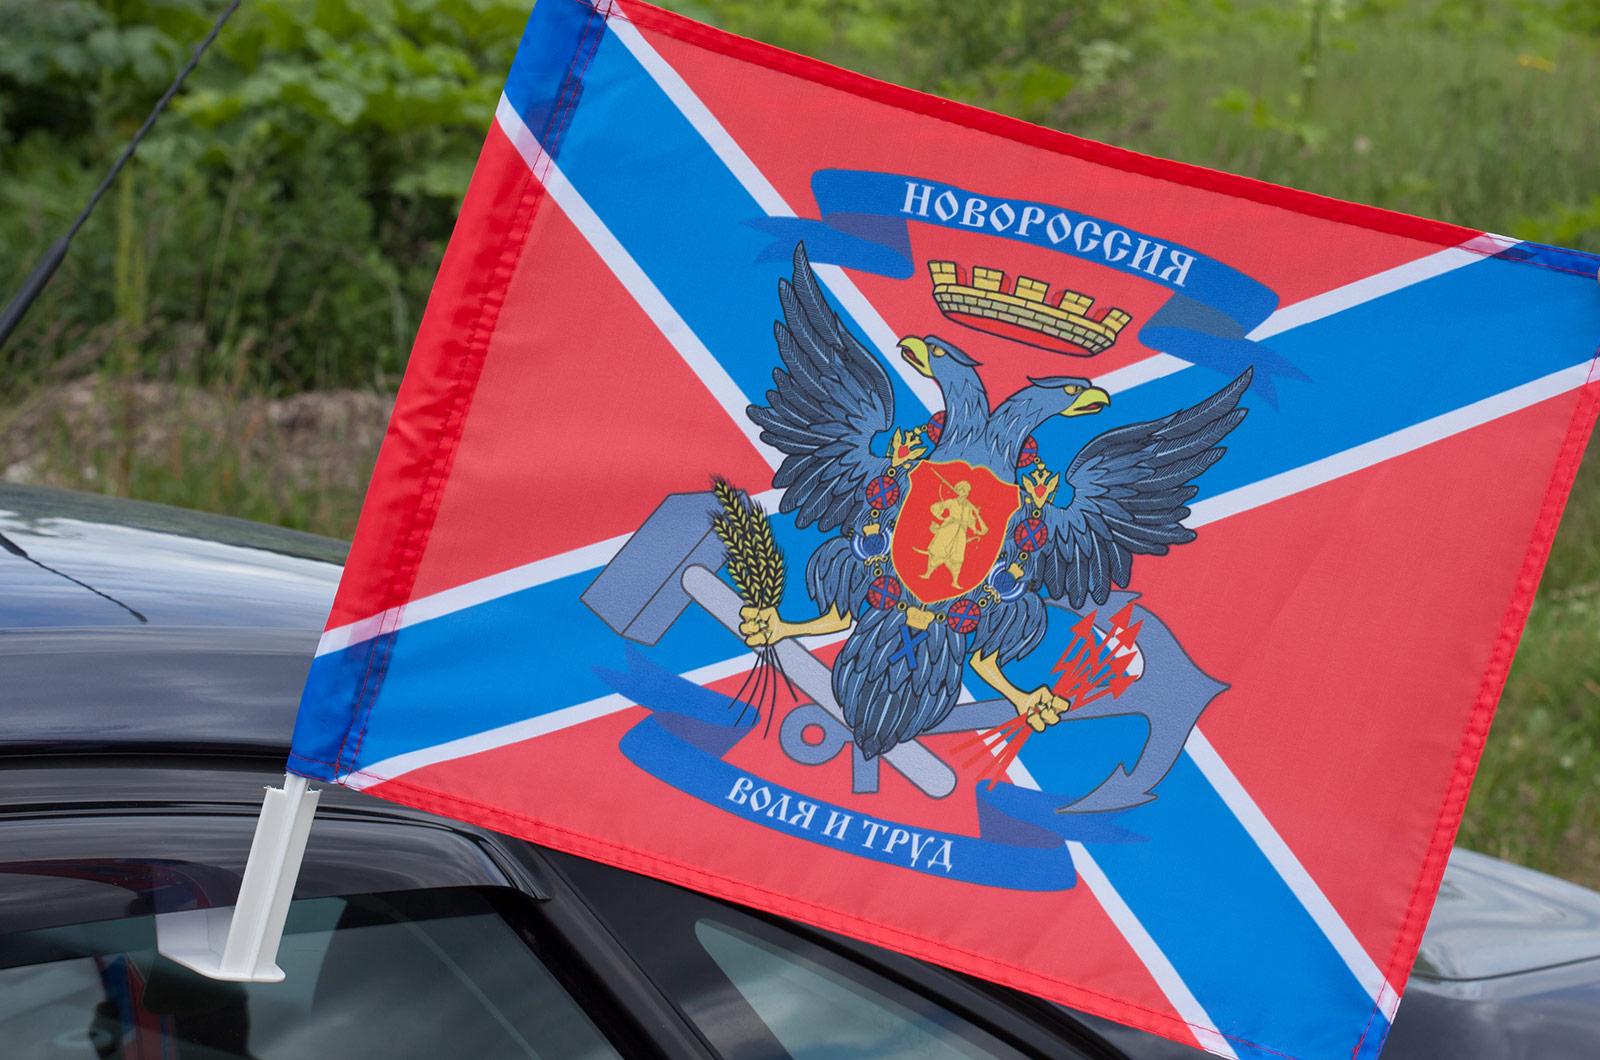 Купить флаг Конфедерации Новороссии на авто